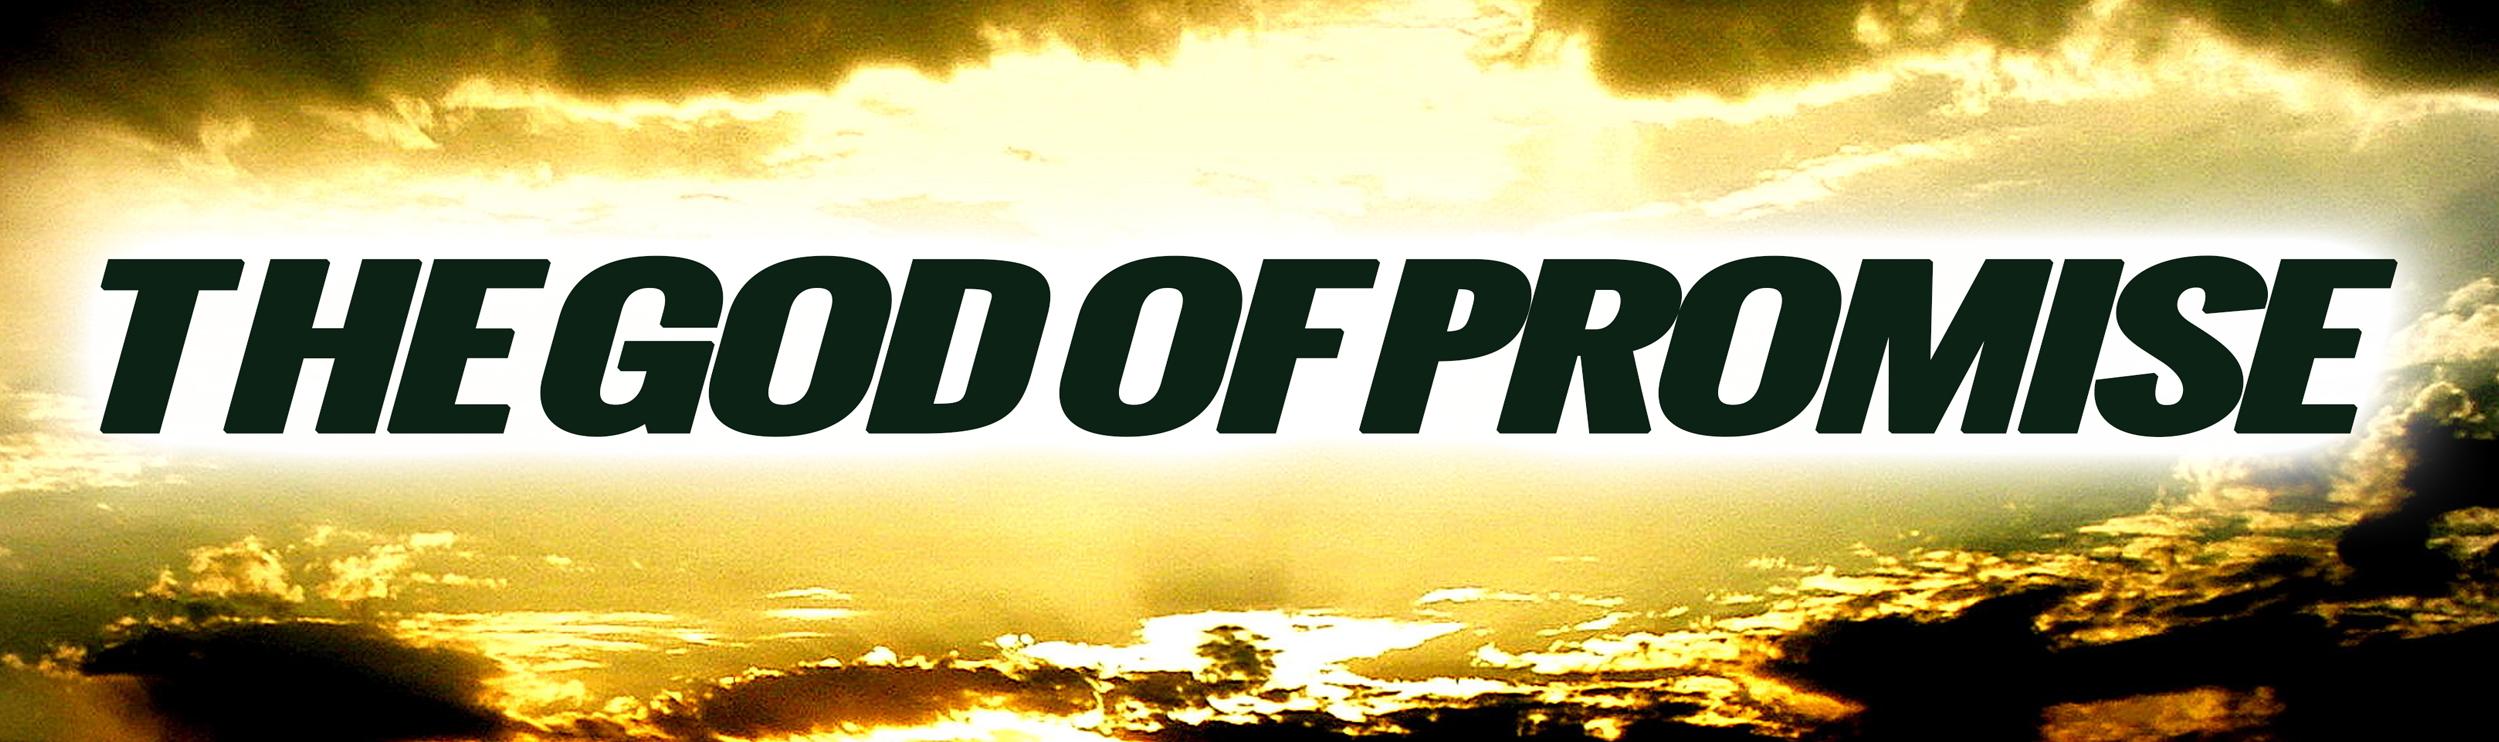 The-God-Of-Promise-Header